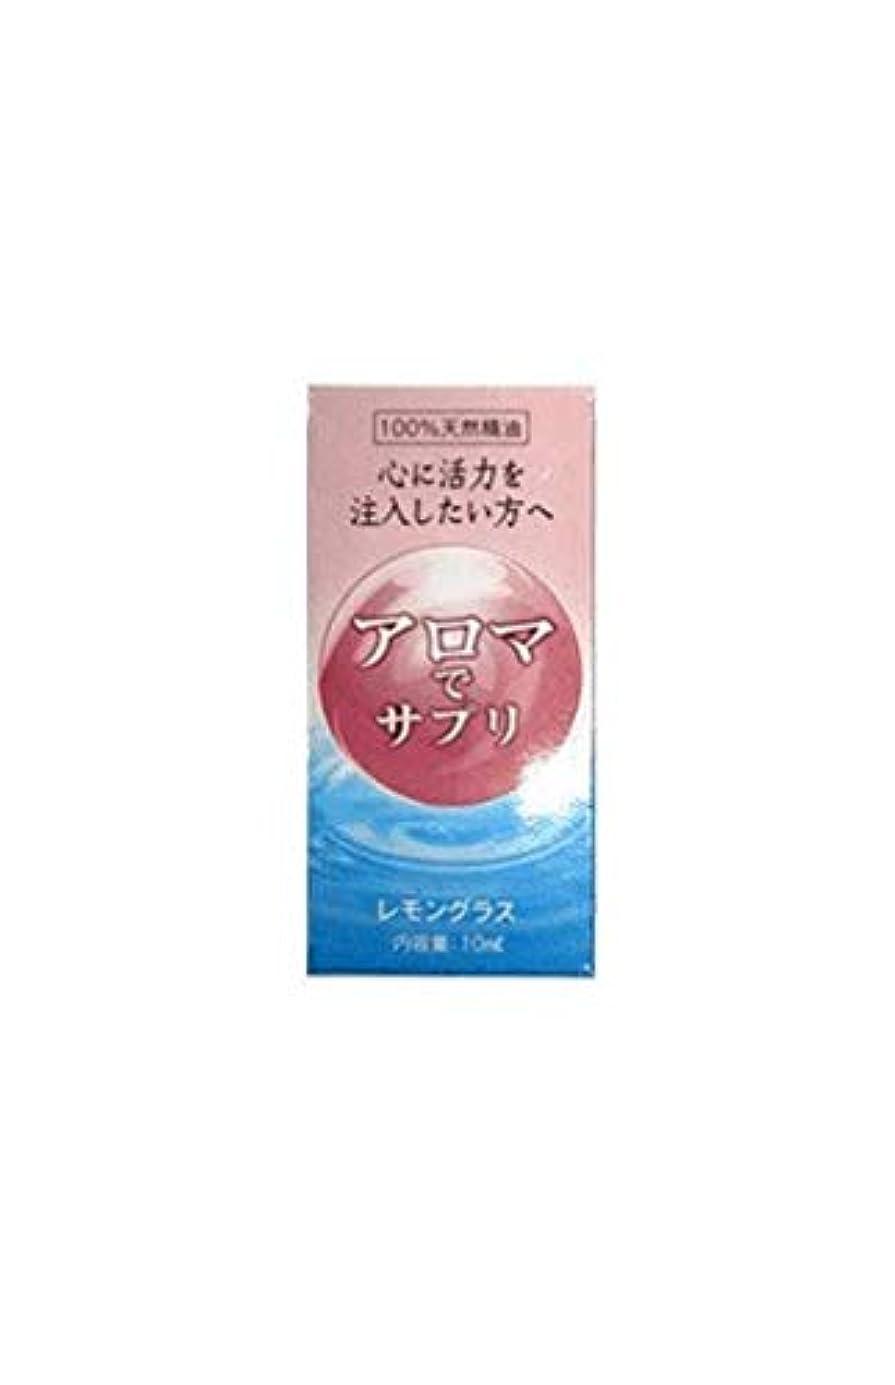 強調する未接続連続的香りのアロマでサプリ 10ml レモングラス